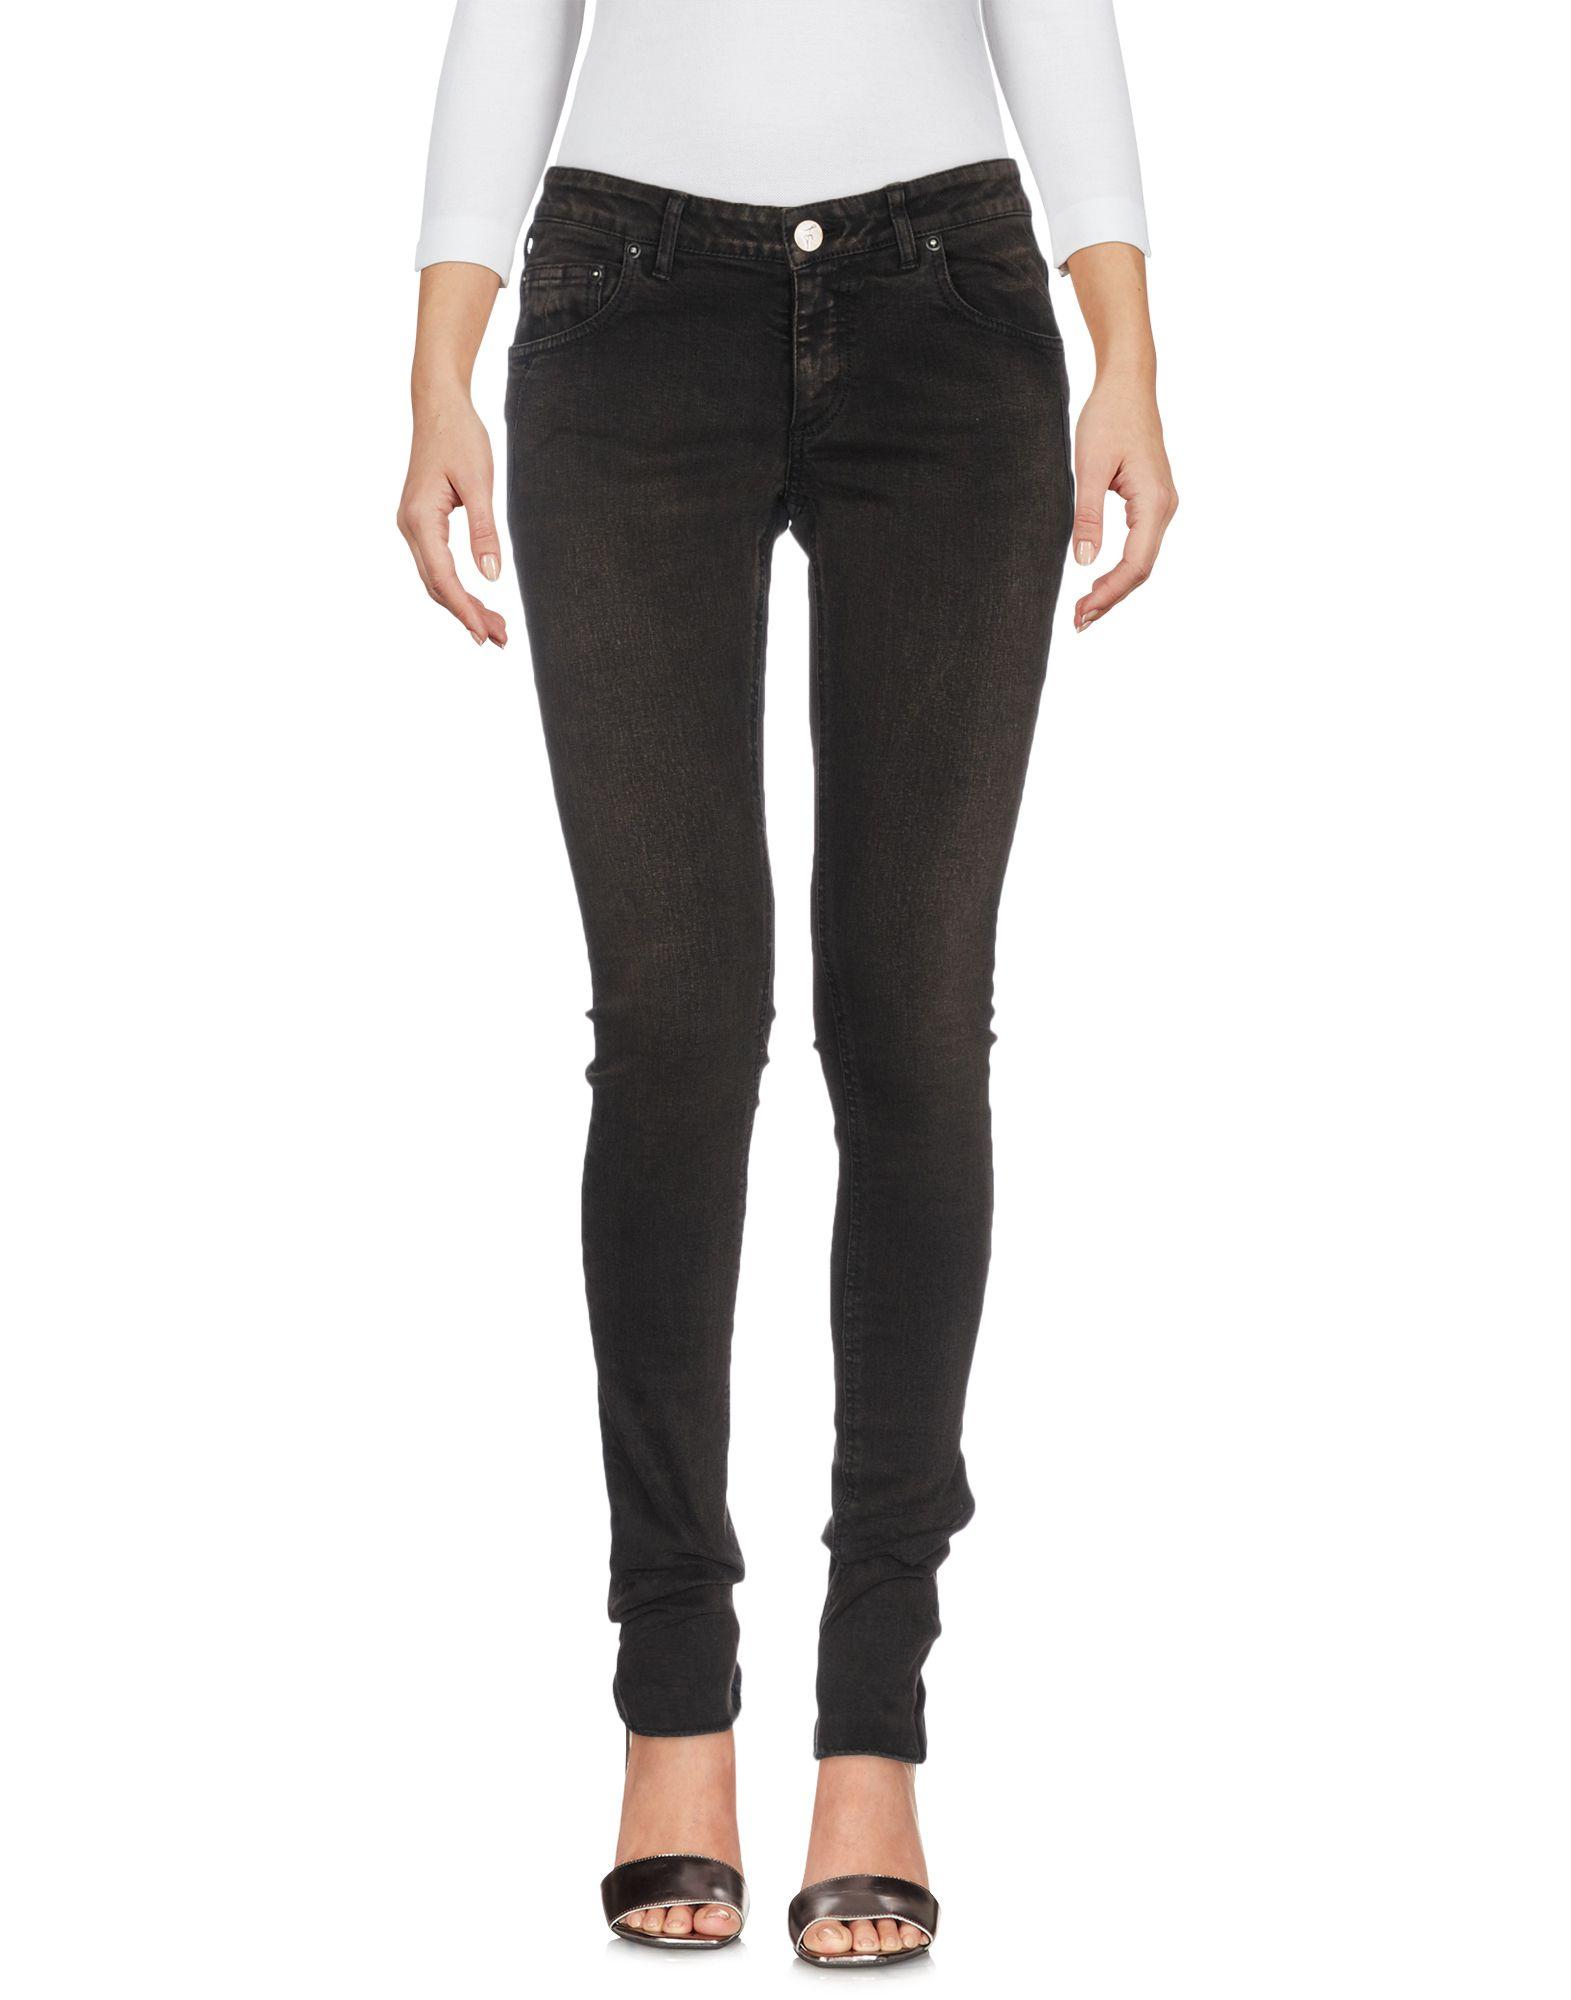 FAGASSENT Denim Pants in Dark Brown